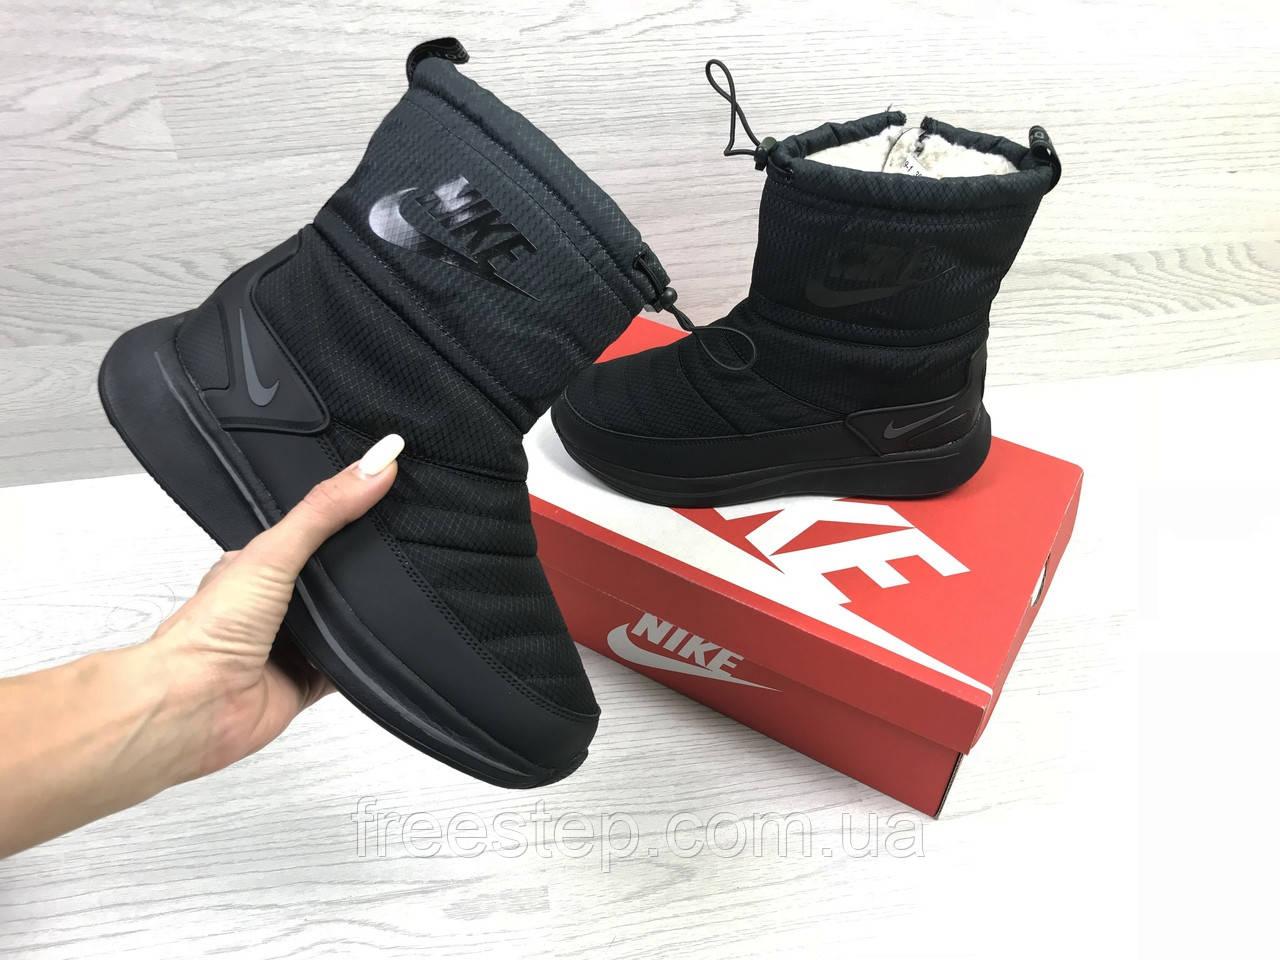 845071af3961 Зимние женские сапоги в стиле Nike Zoom, мех овчина, черные,  нубук термоплащевка